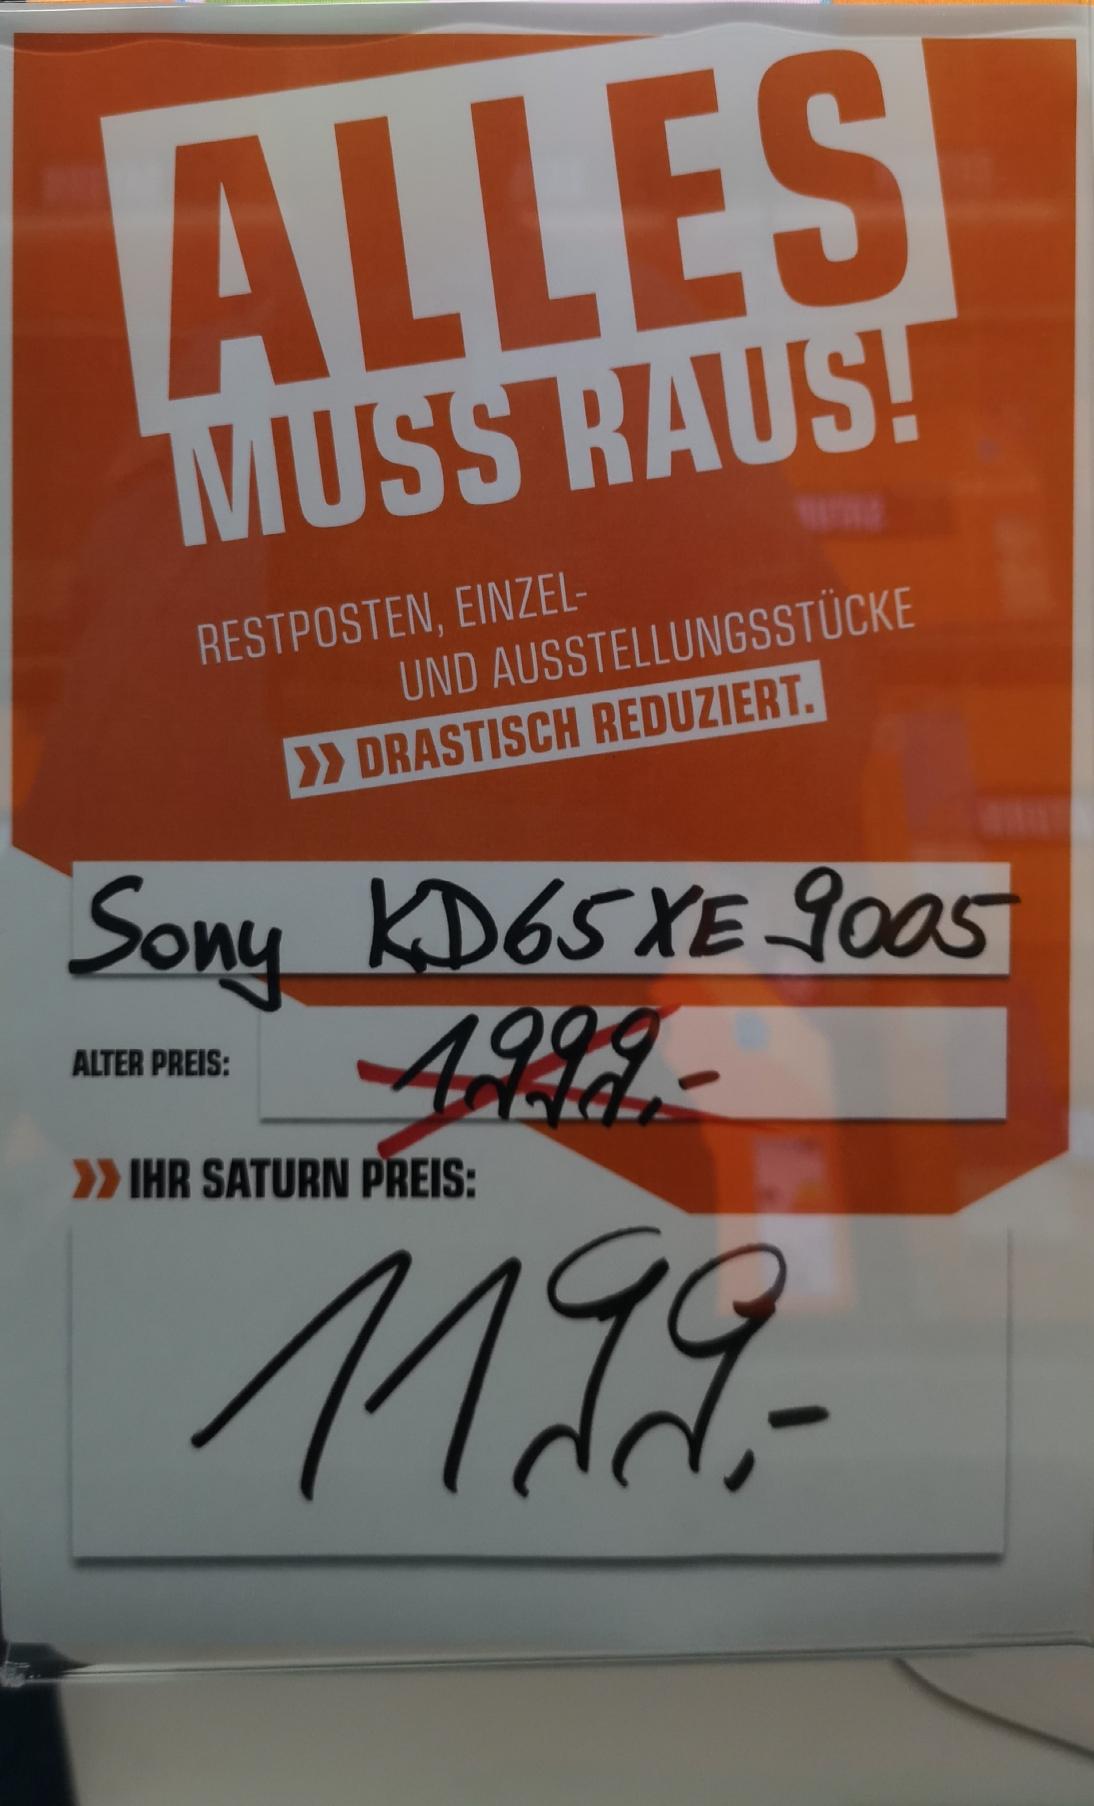 Regional Saturn Oberhausen Sony KD 65 XE 9005 für 1199.- Vergleichspreis Idealo 1633,99 und den KD 55 XE 9005 899.- Vergleichspreis Idealo 1048.-